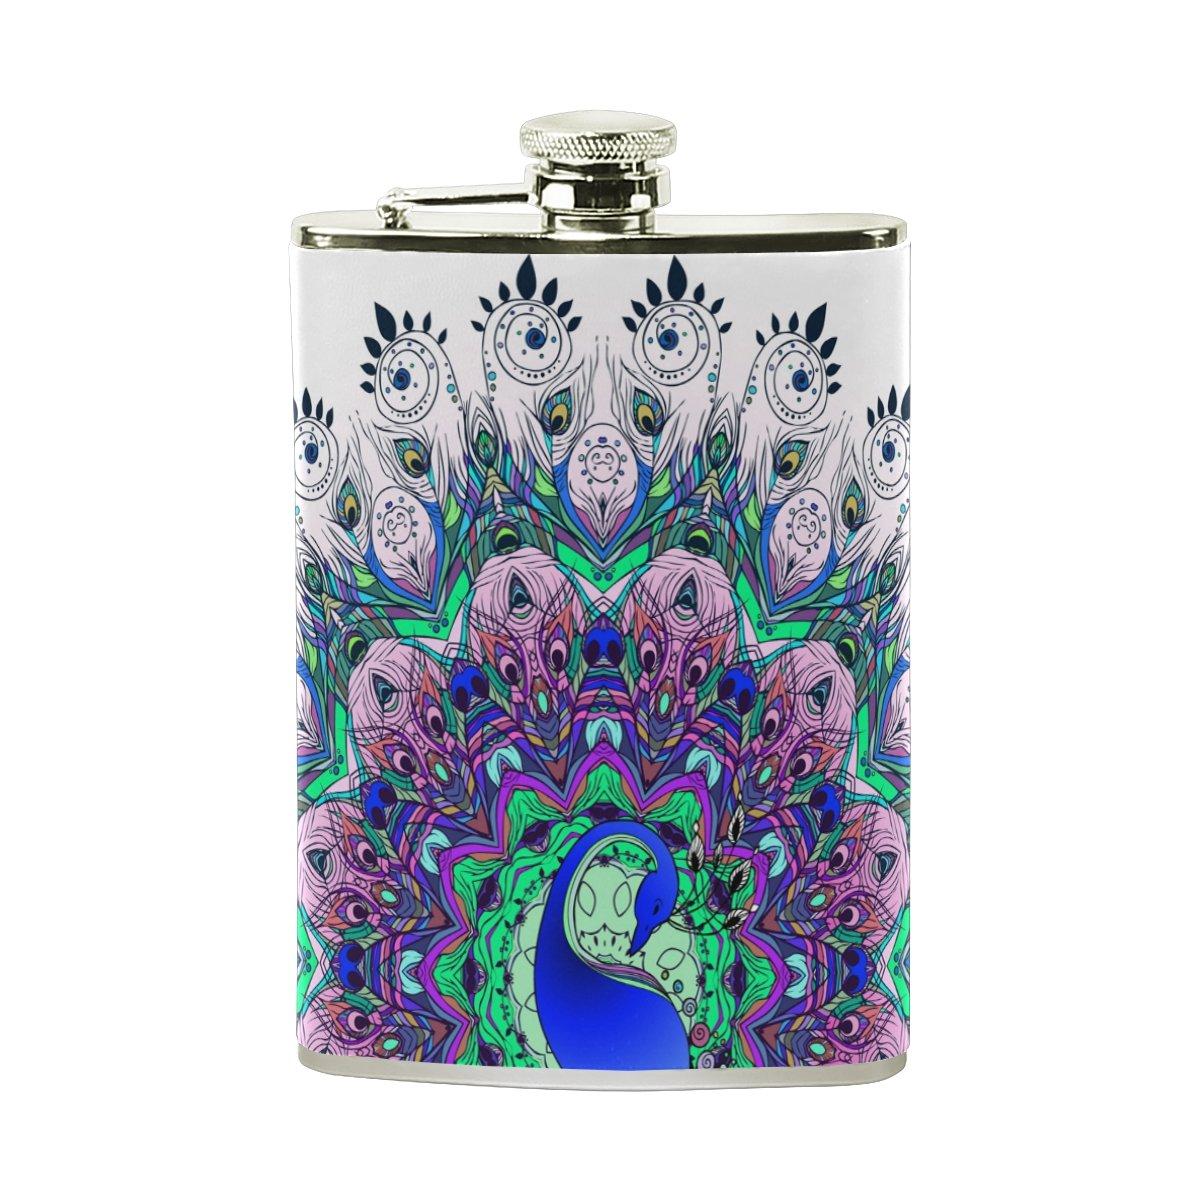 2019超人気 Alaza Alaza Peacock酒ヒップフラスコ8オンスステンレス鋼漏れ防止ポケットショットフラスコPUレザーWrappedカバー B075XLMZC4 B075XLMZC4, 昭和区:0a9ba7d3 --- a0267596.xsph.ru